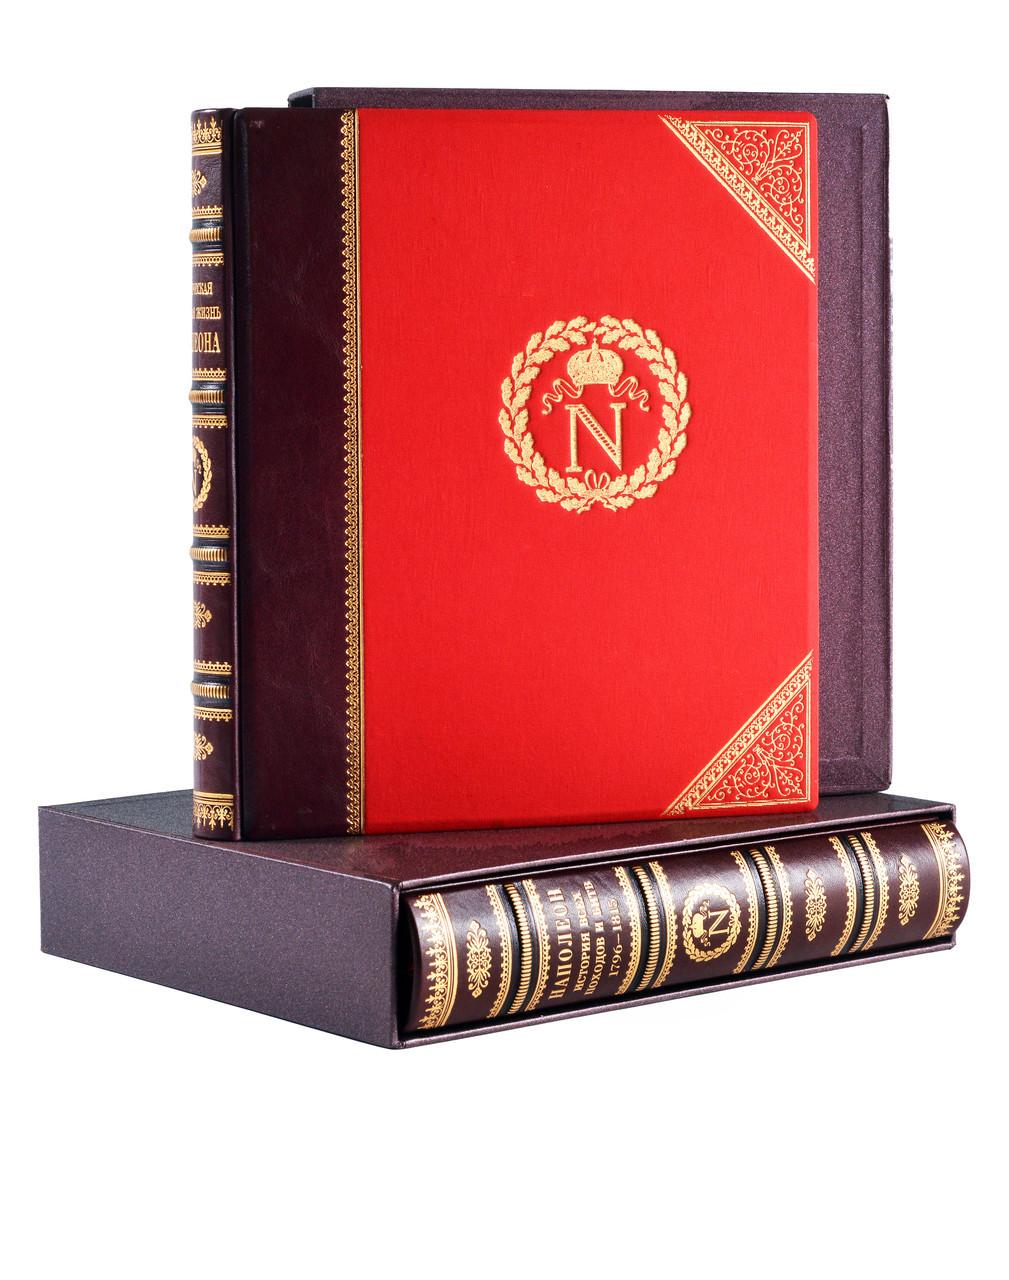 """Двухтомник """"Наполеон"""" подарочное издание в кожаном переплете и кожаных футлярах"""